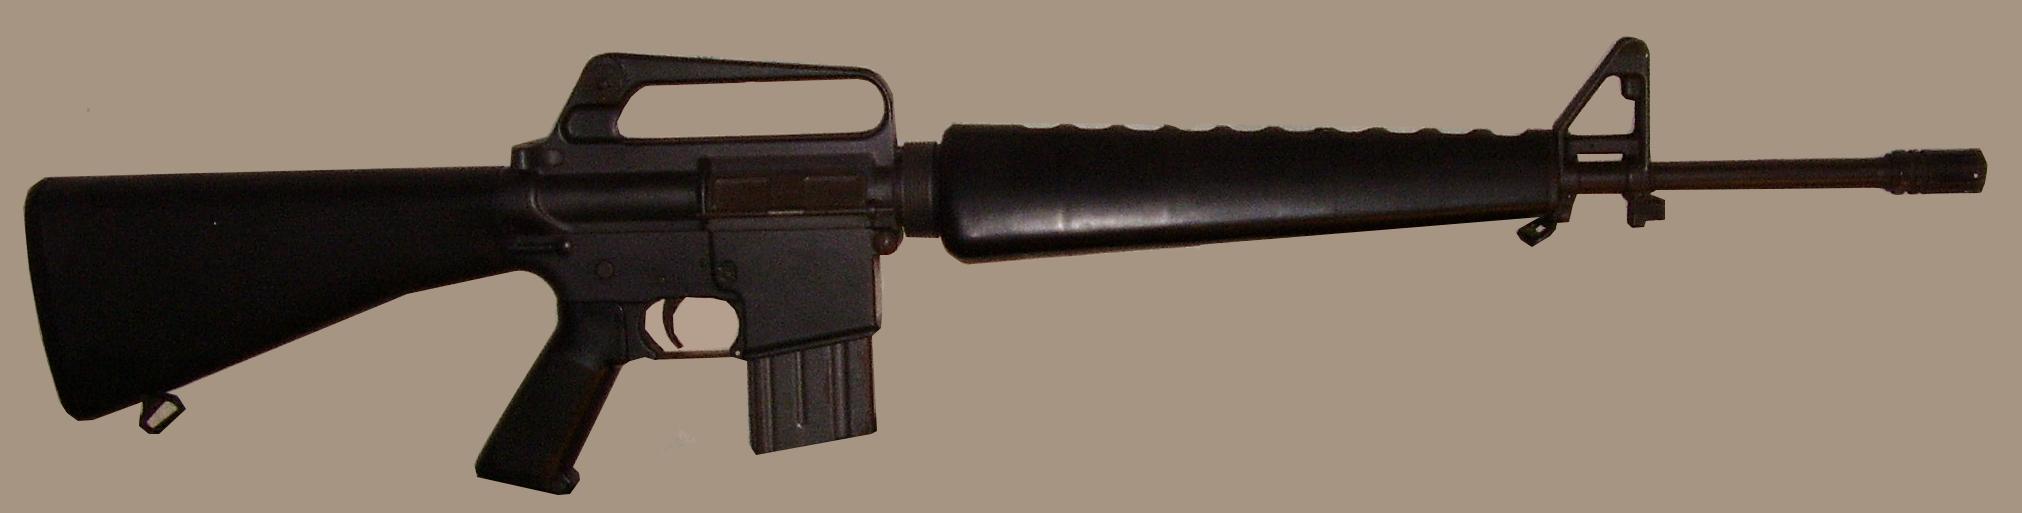 1973_Colt_AR15_SP1.jpg